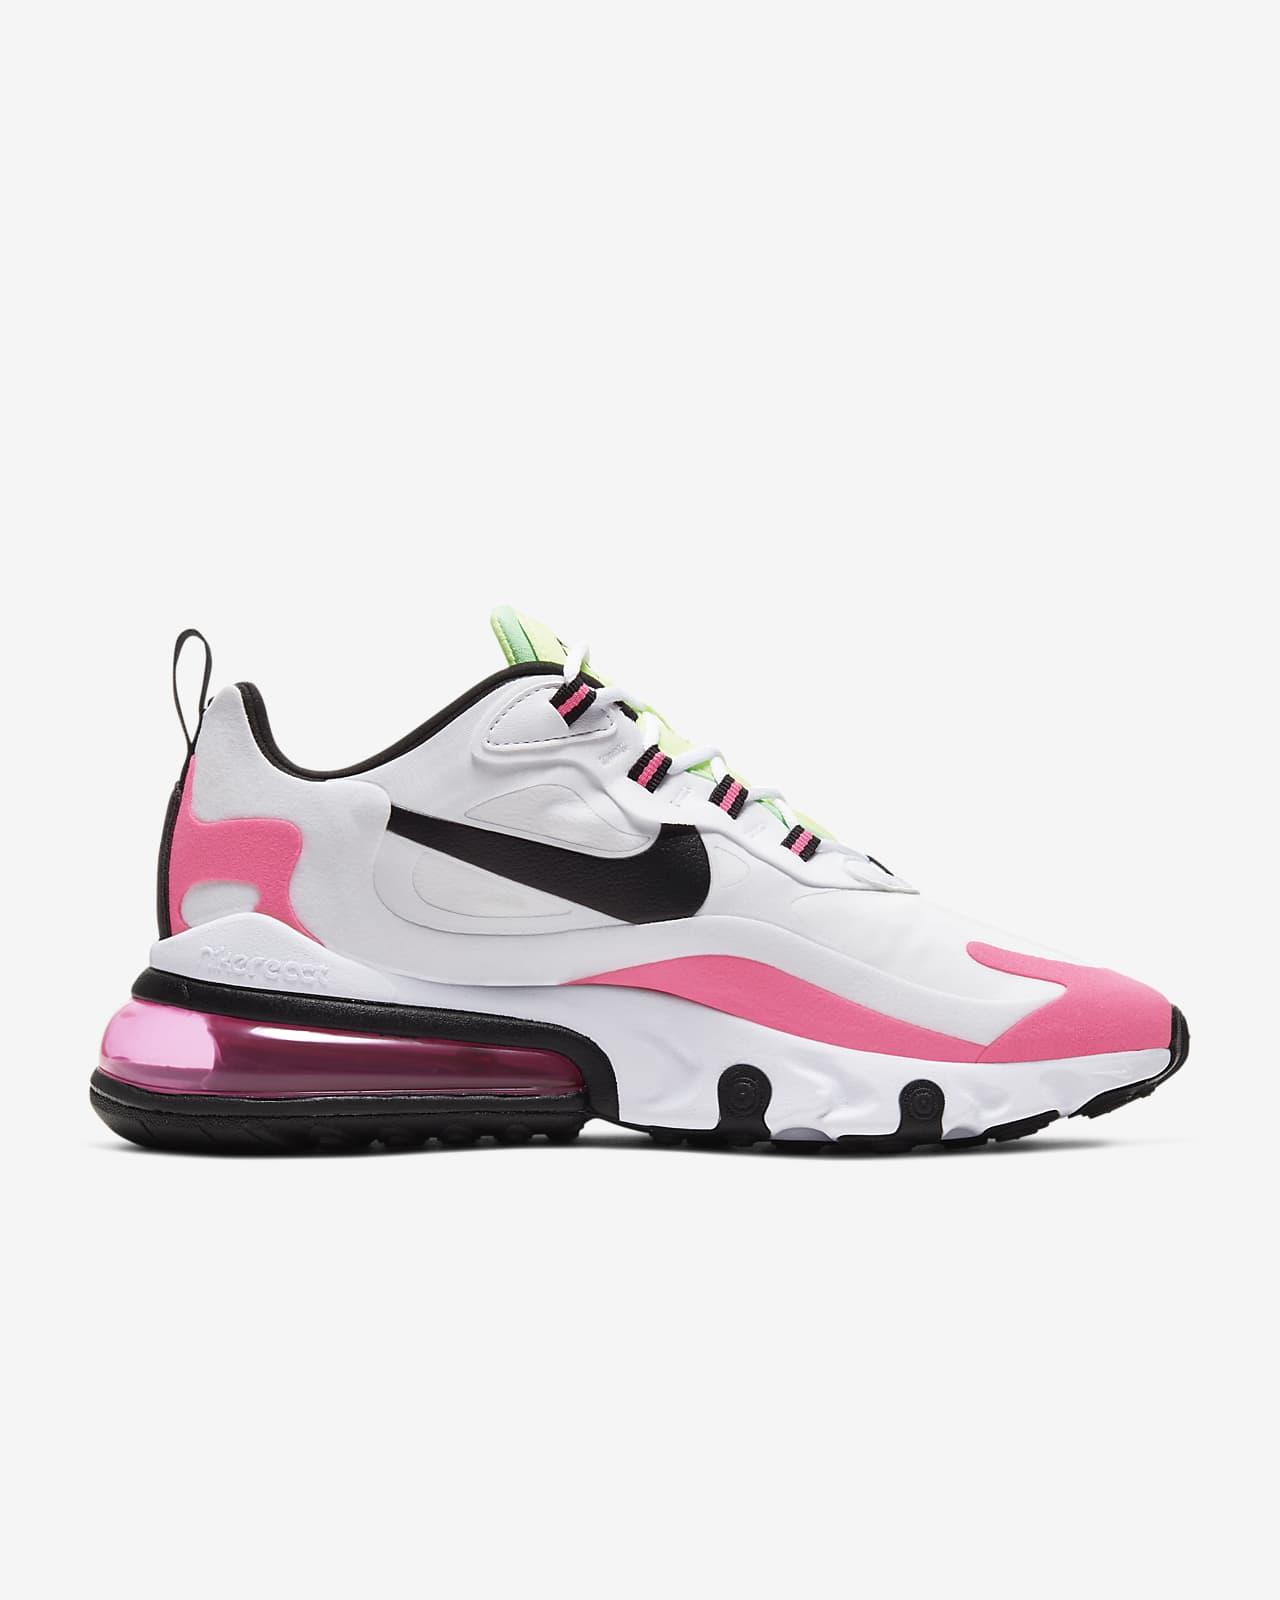 air max 270 react mujer rosa